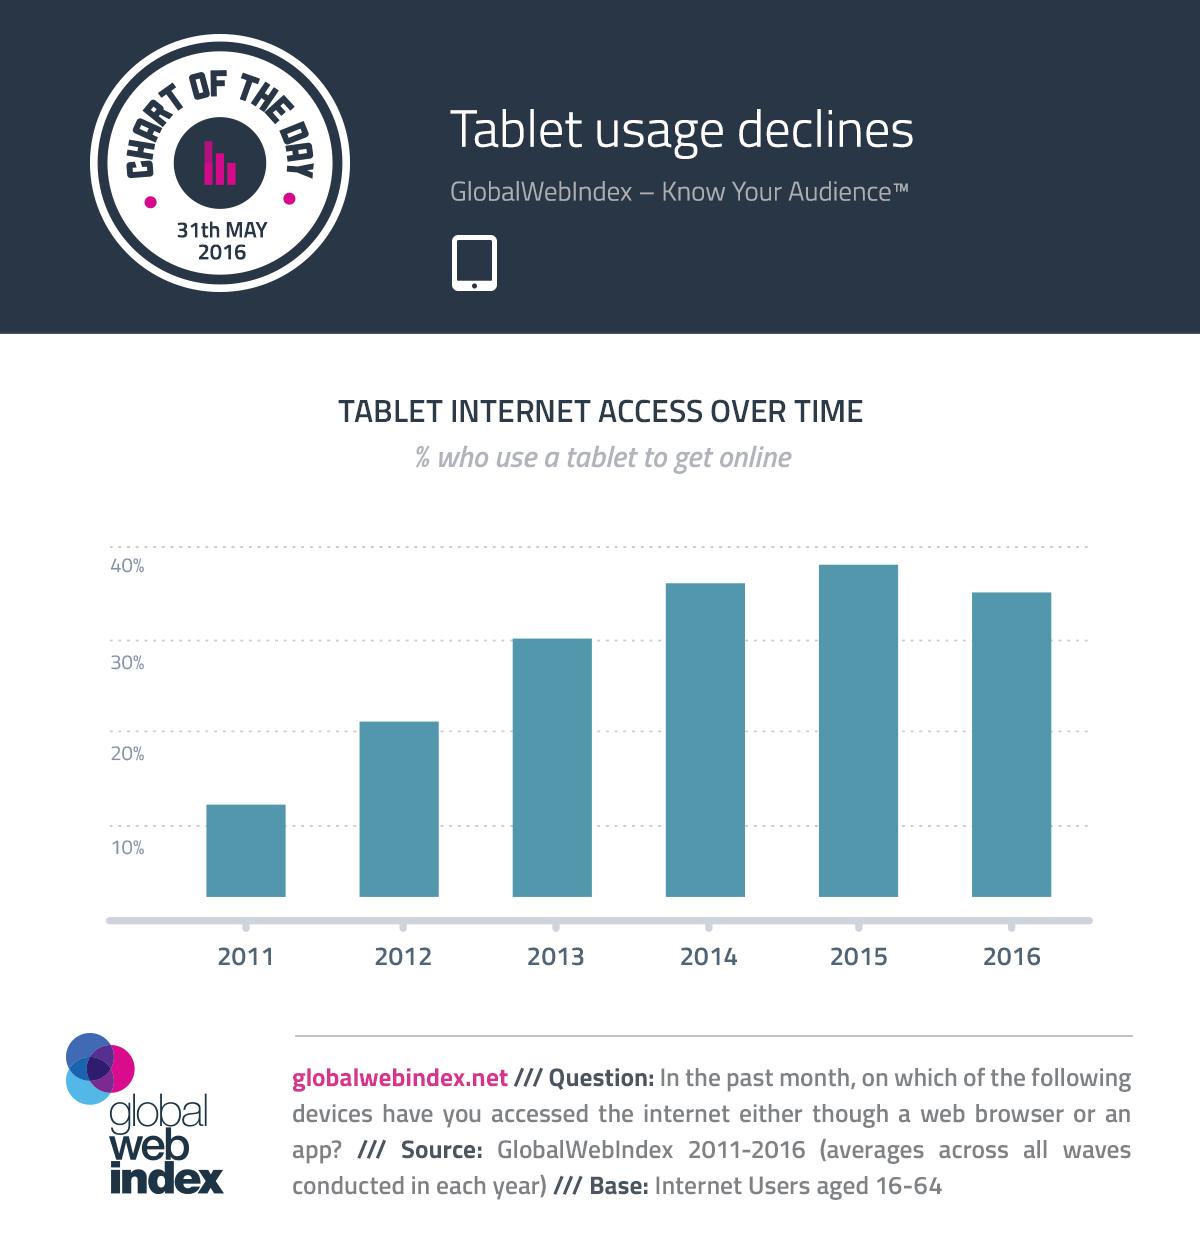 Tablet usage declines